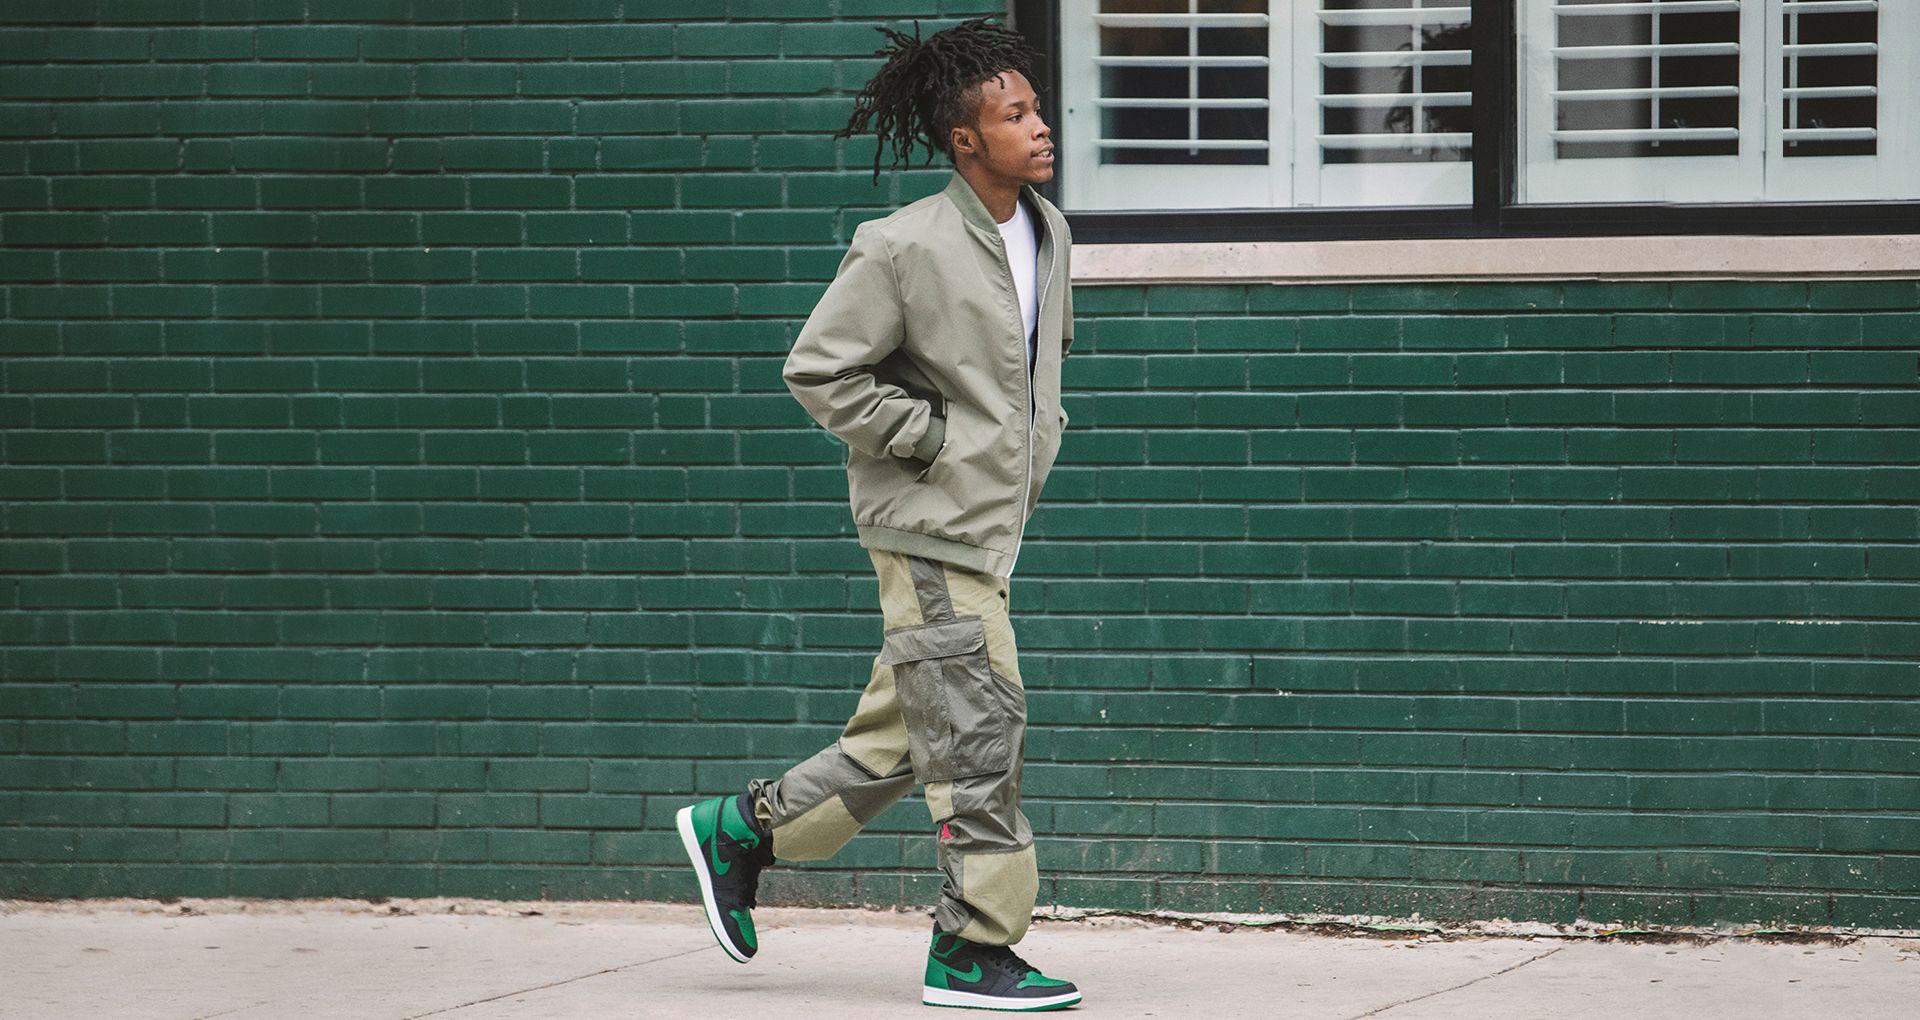 jordan 1 low outfit